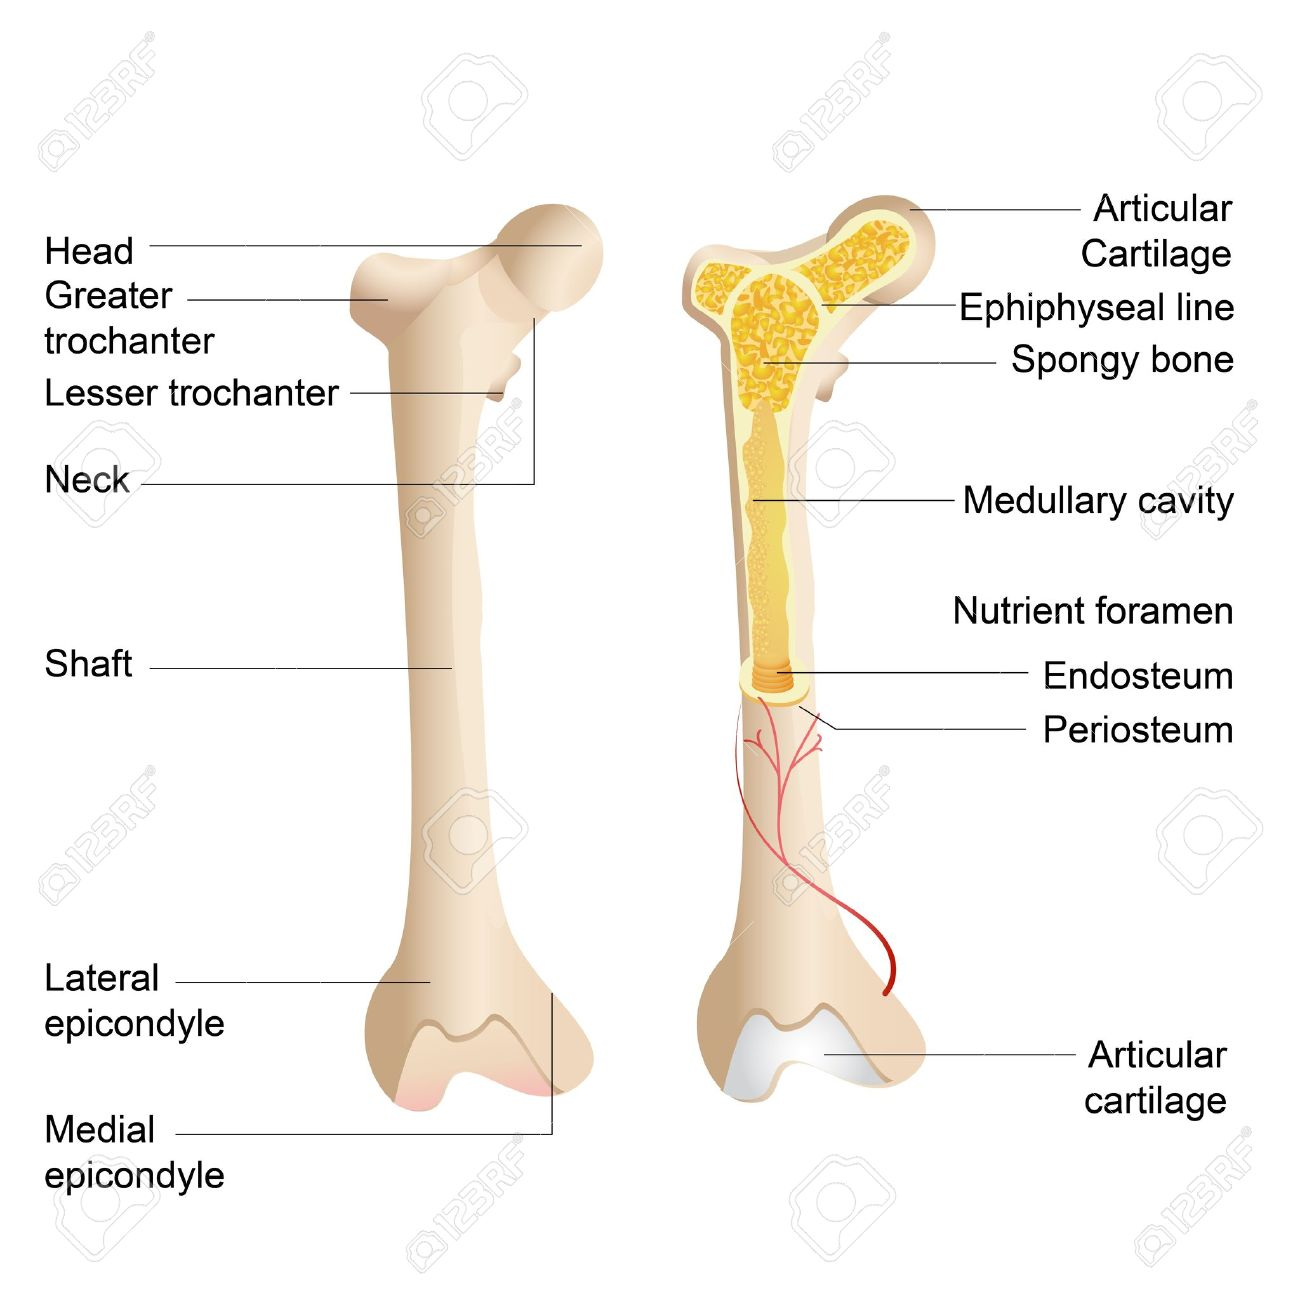 Banque d images - Illustration vectorielle du schéma de l anatomie osseuse  humaine 0c470190313